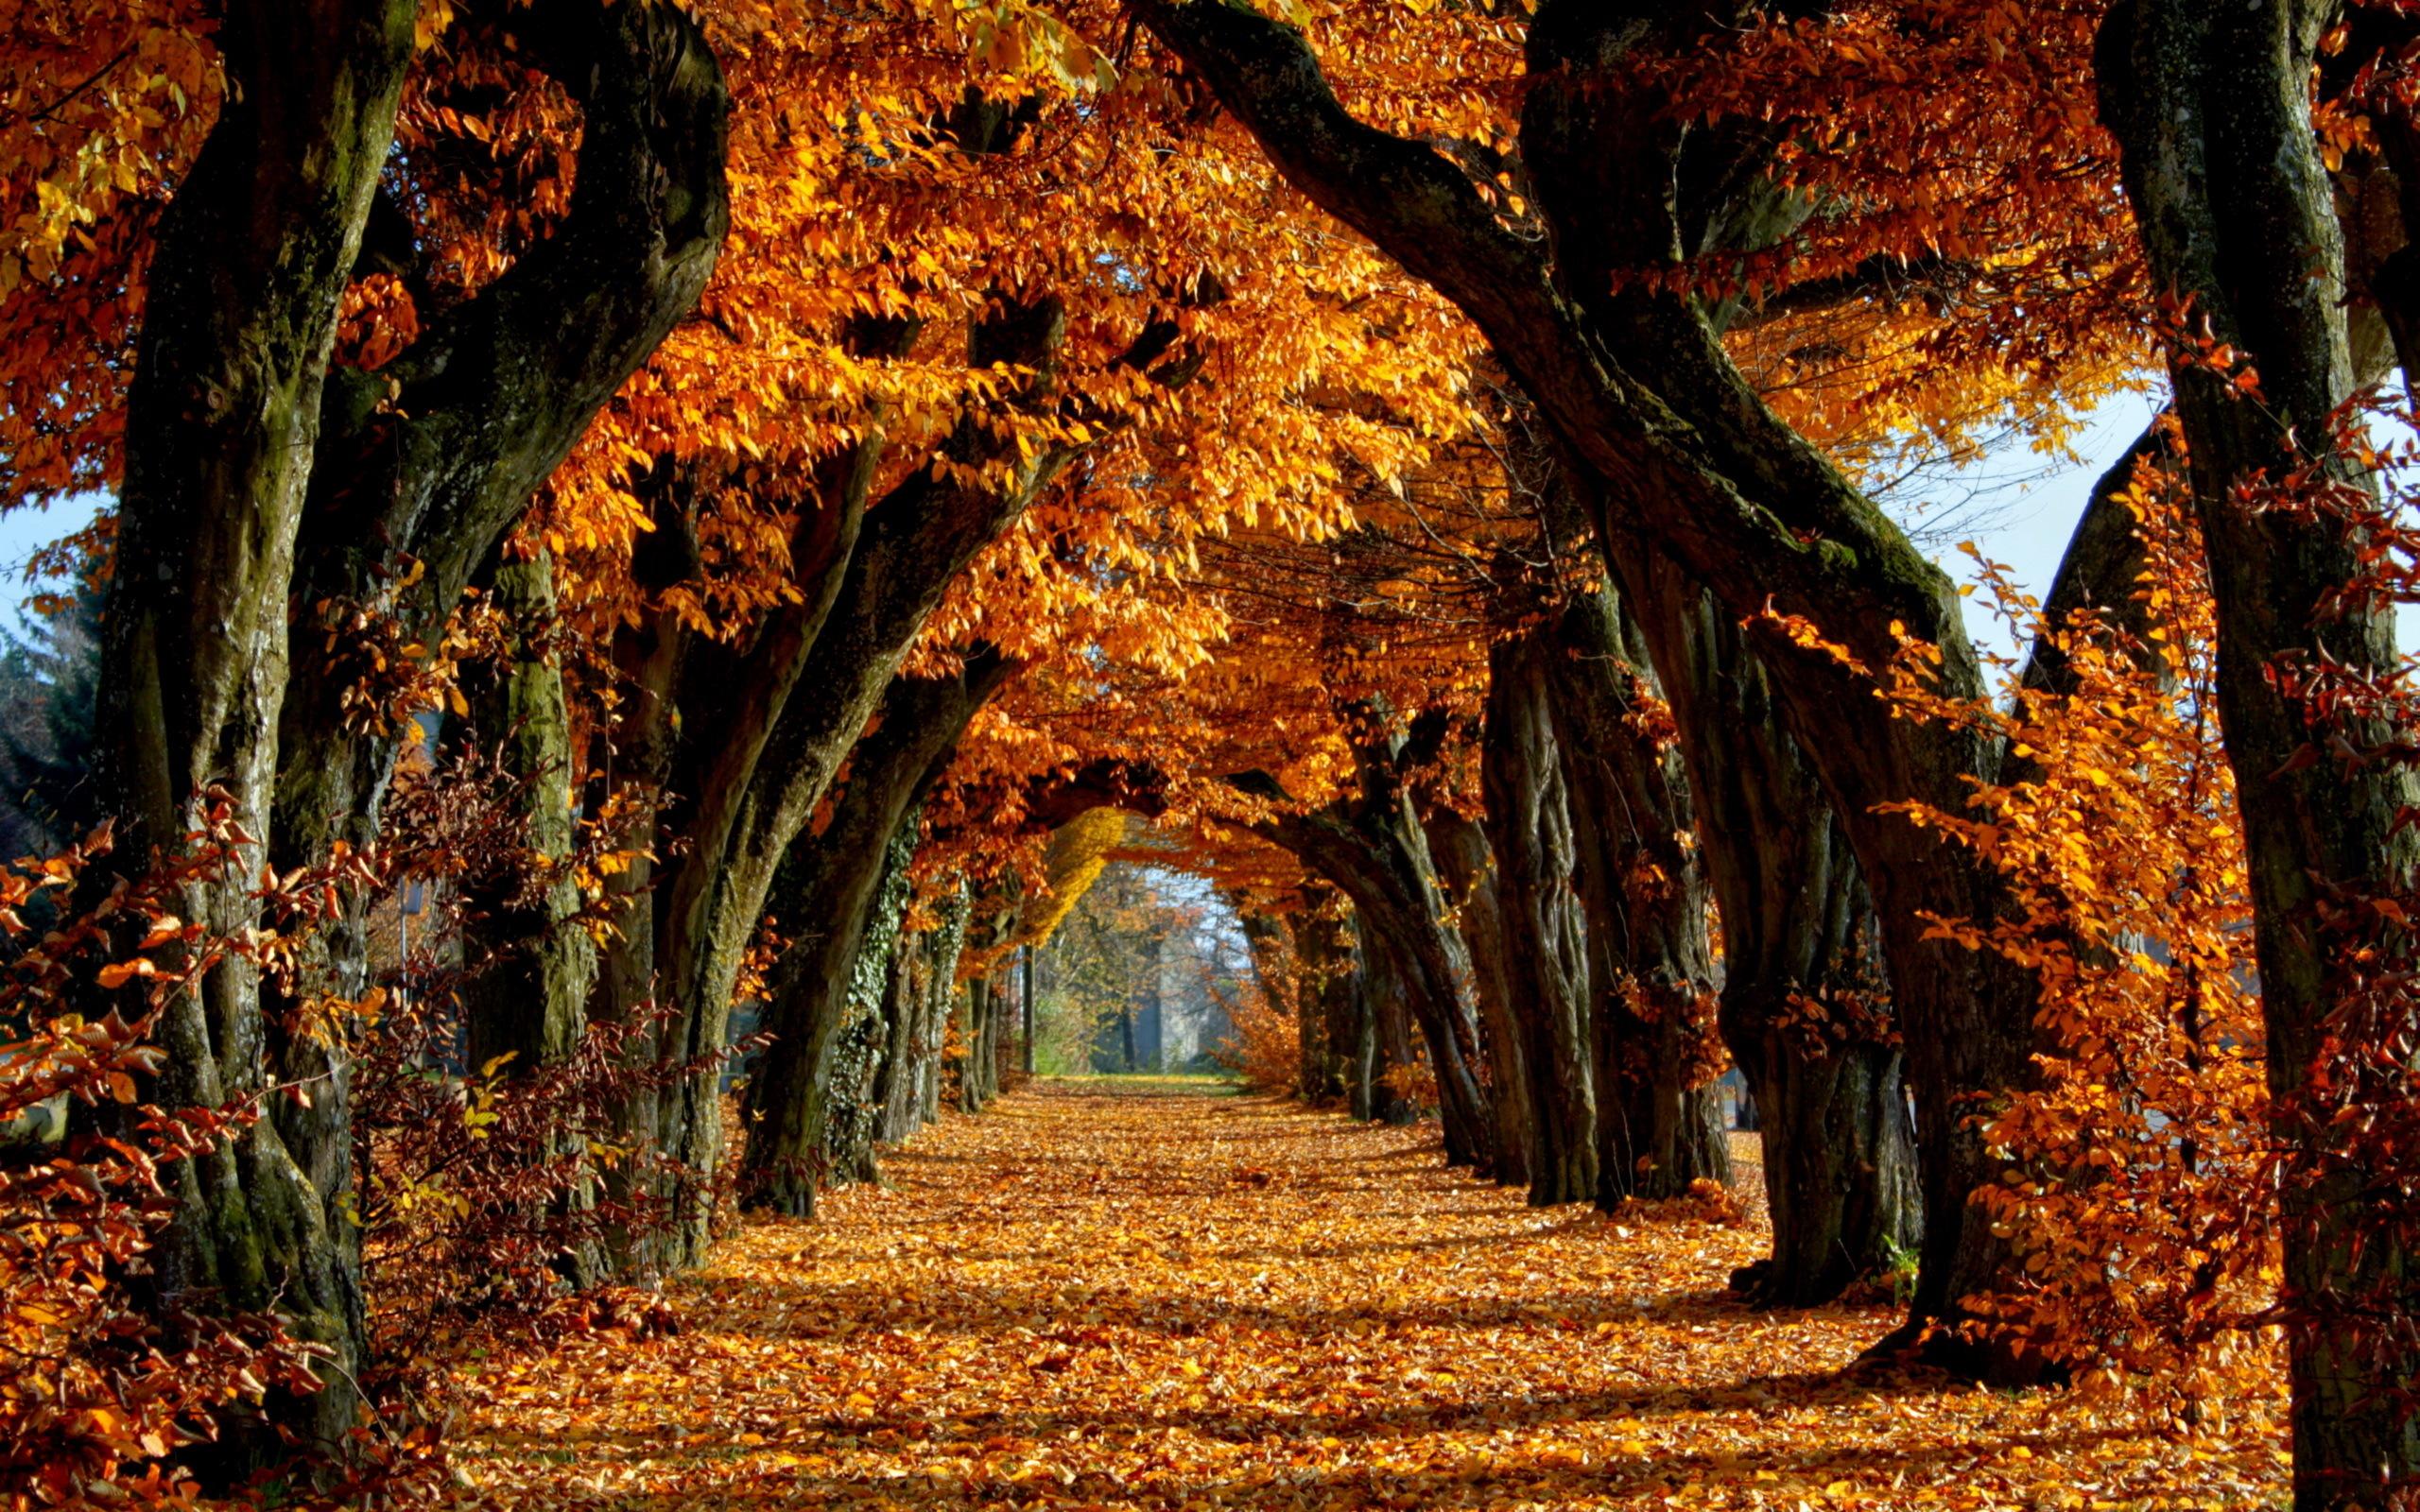 Golden autumn wallpaper background 16801050 widescreen hd wallpaper 2560x1600